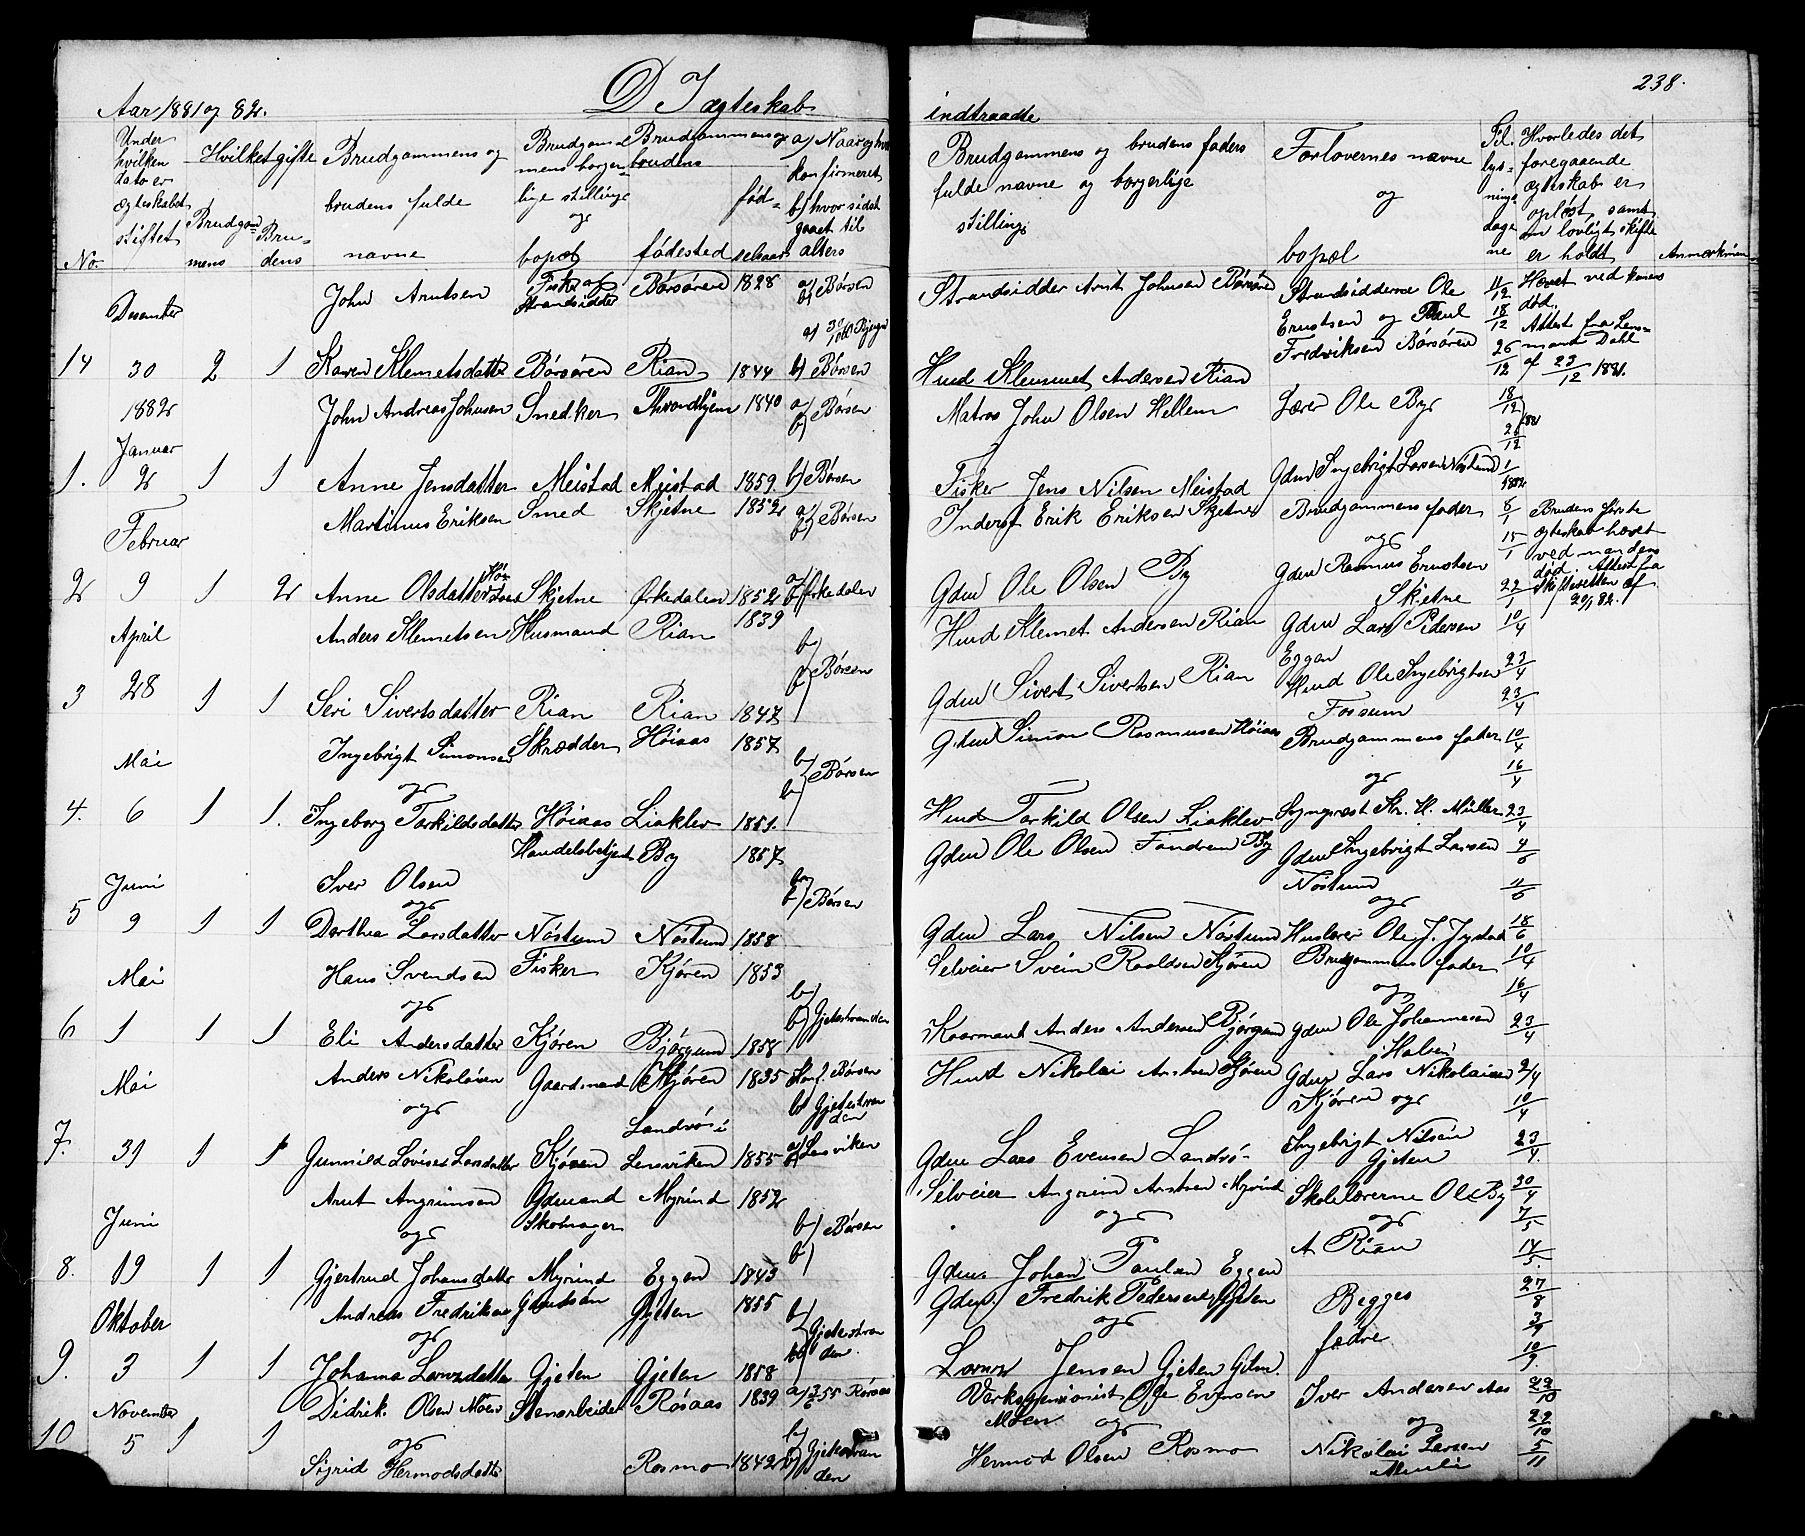 SAT, Ministerialprotokoller, klokkerbøker og fødselsregistre - Sør-Trøndelag, 665/L0777: Klokkerbok nr. 665C02, 1867-1915, s. 238